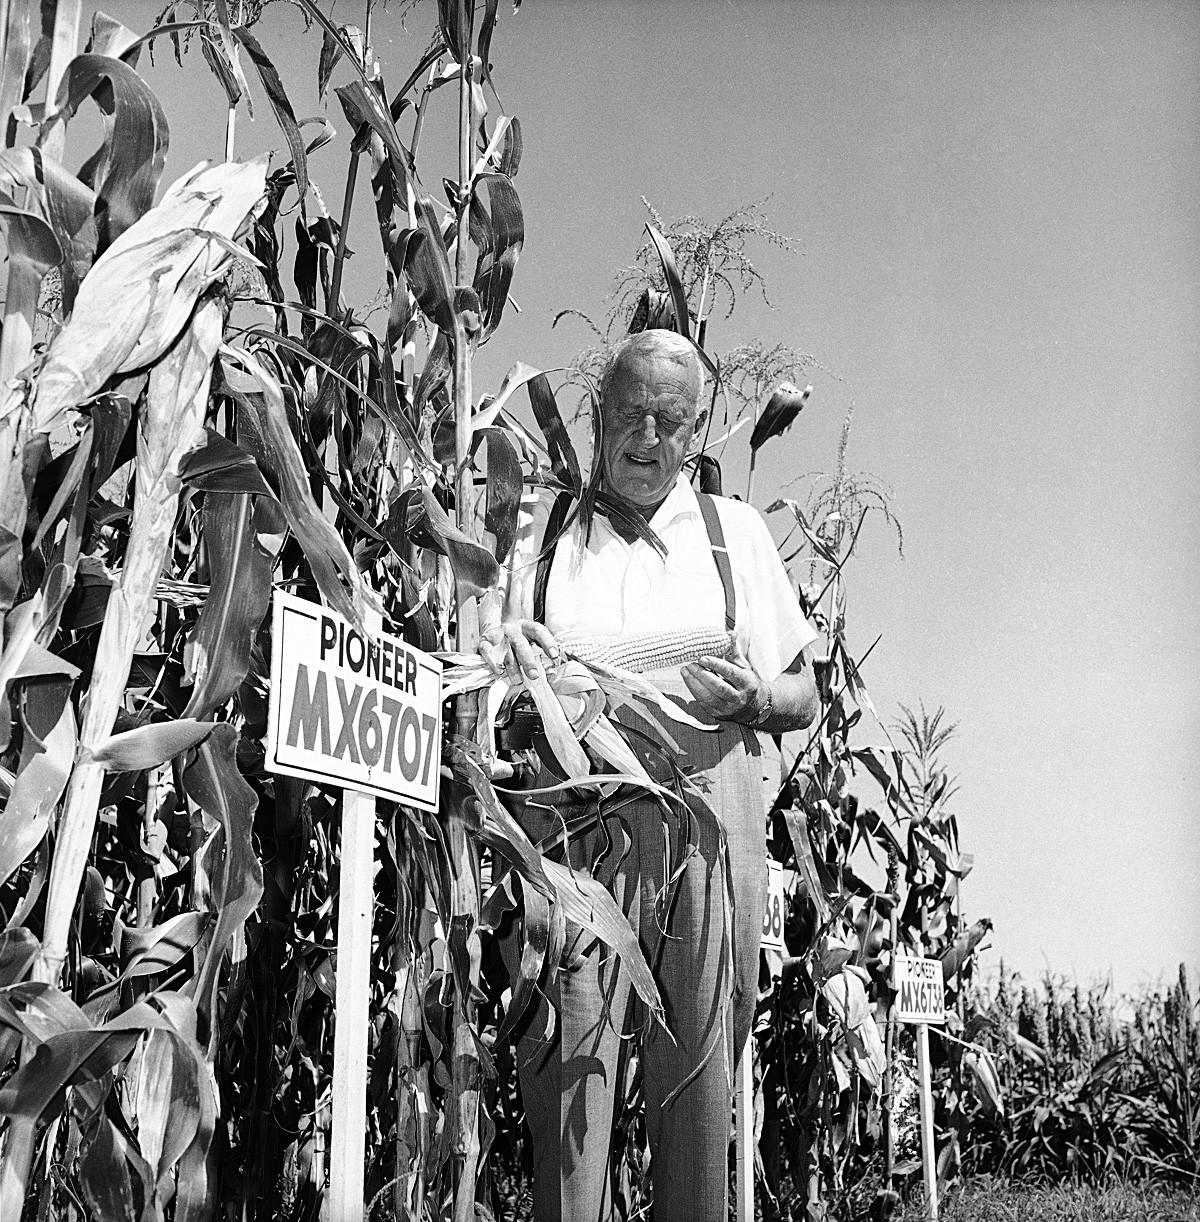 Розуел Гарст проверява царевица на експерименталния си парцел в своята ферма в Айова, 9 септември 1959 година. Гарст разработва царевица за употреба като храна за добитък, радикална техника, която предизвика революция във фермата.